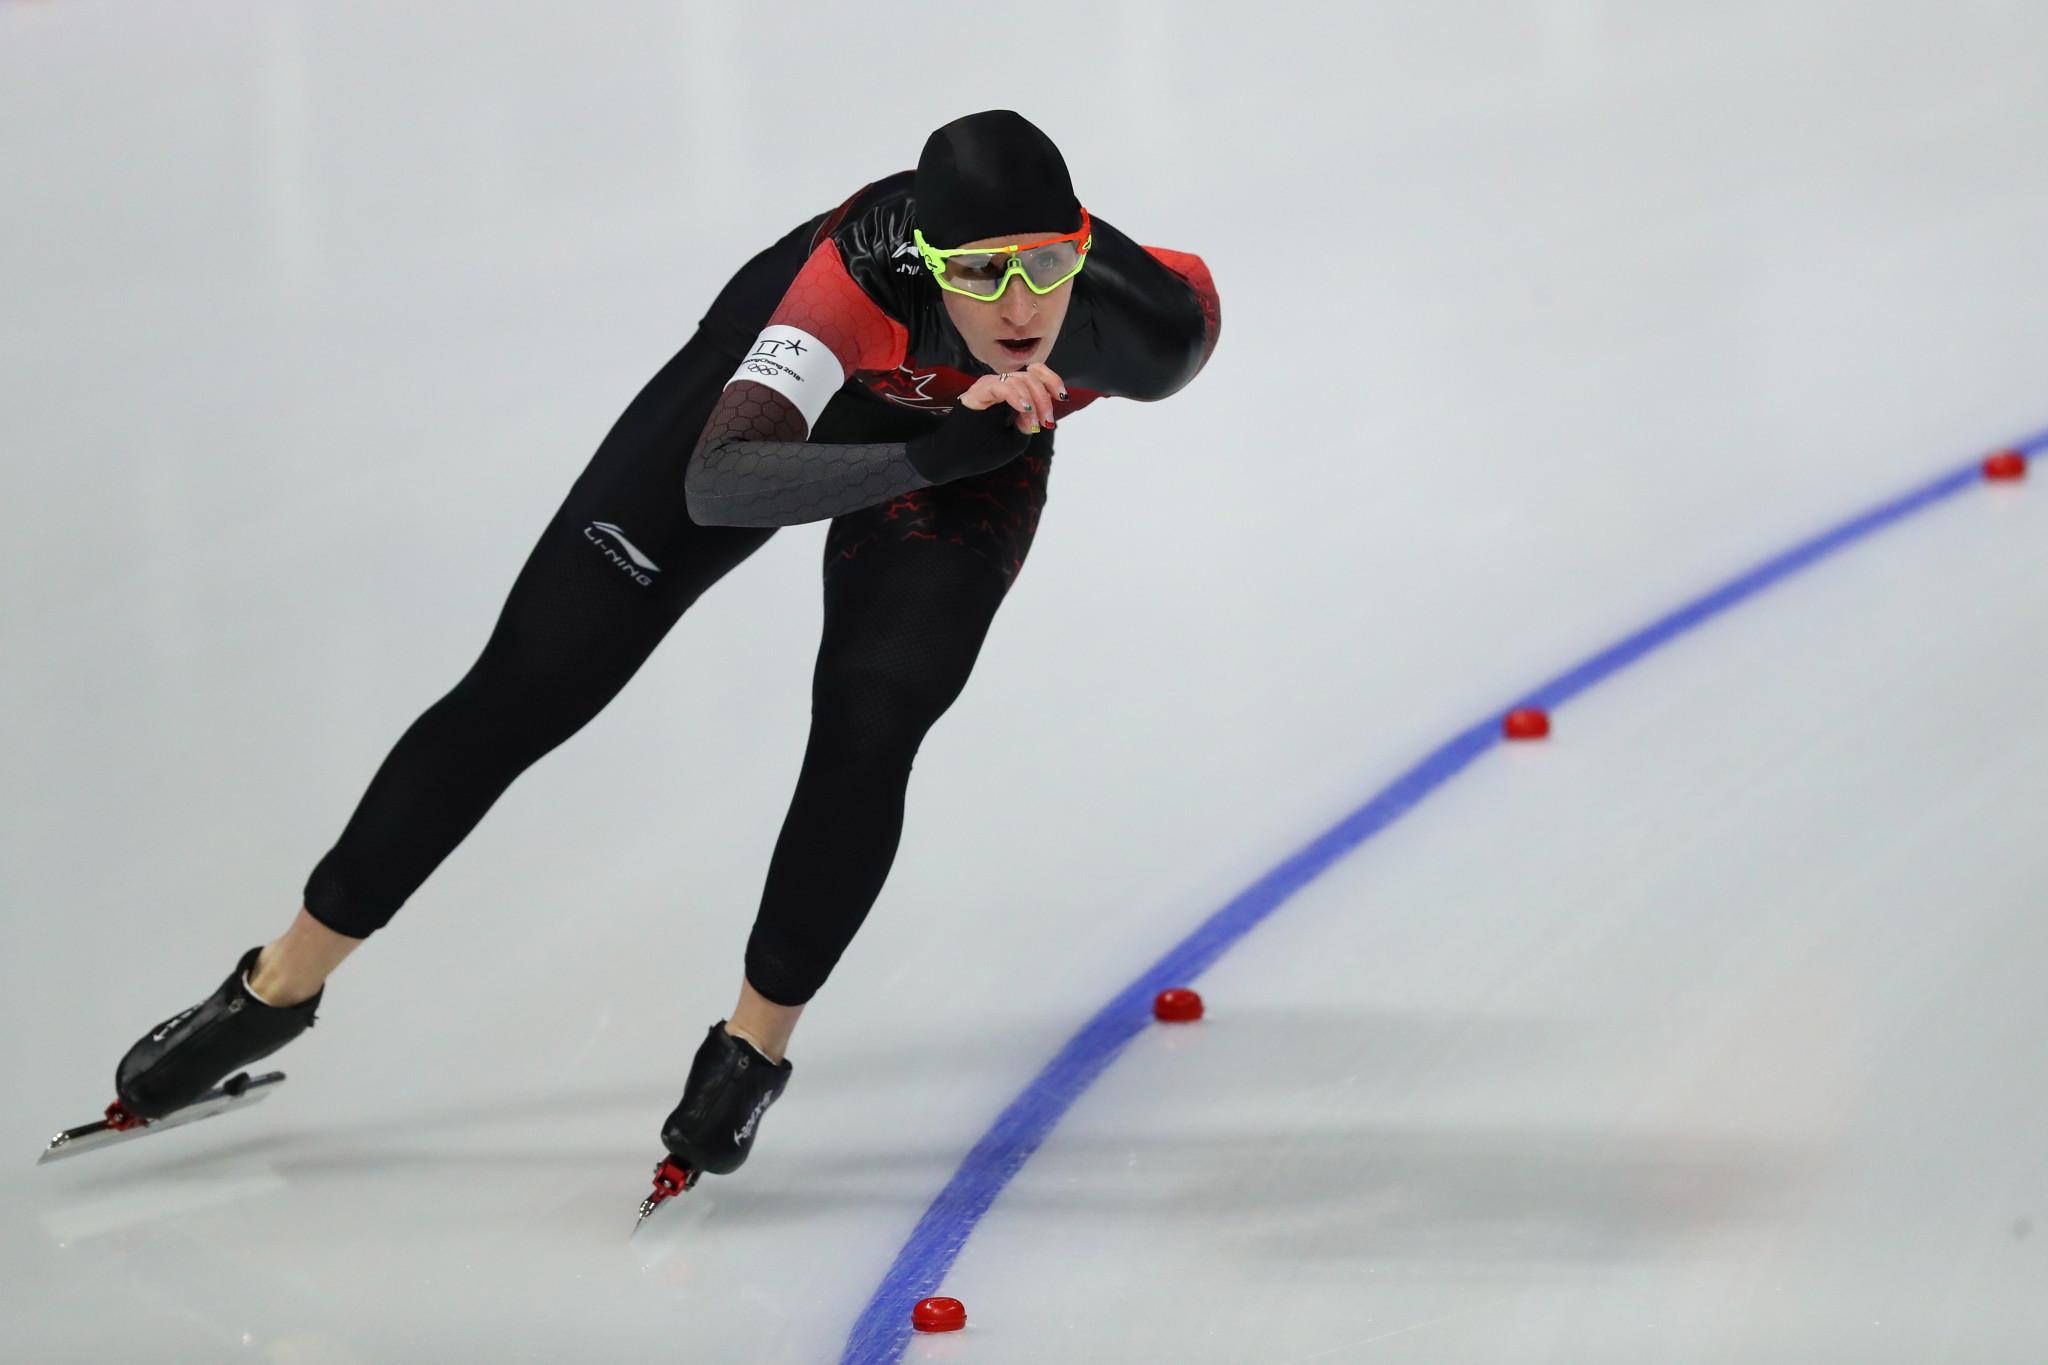 Canadian speed skating quartet honoured after 28-medal haul